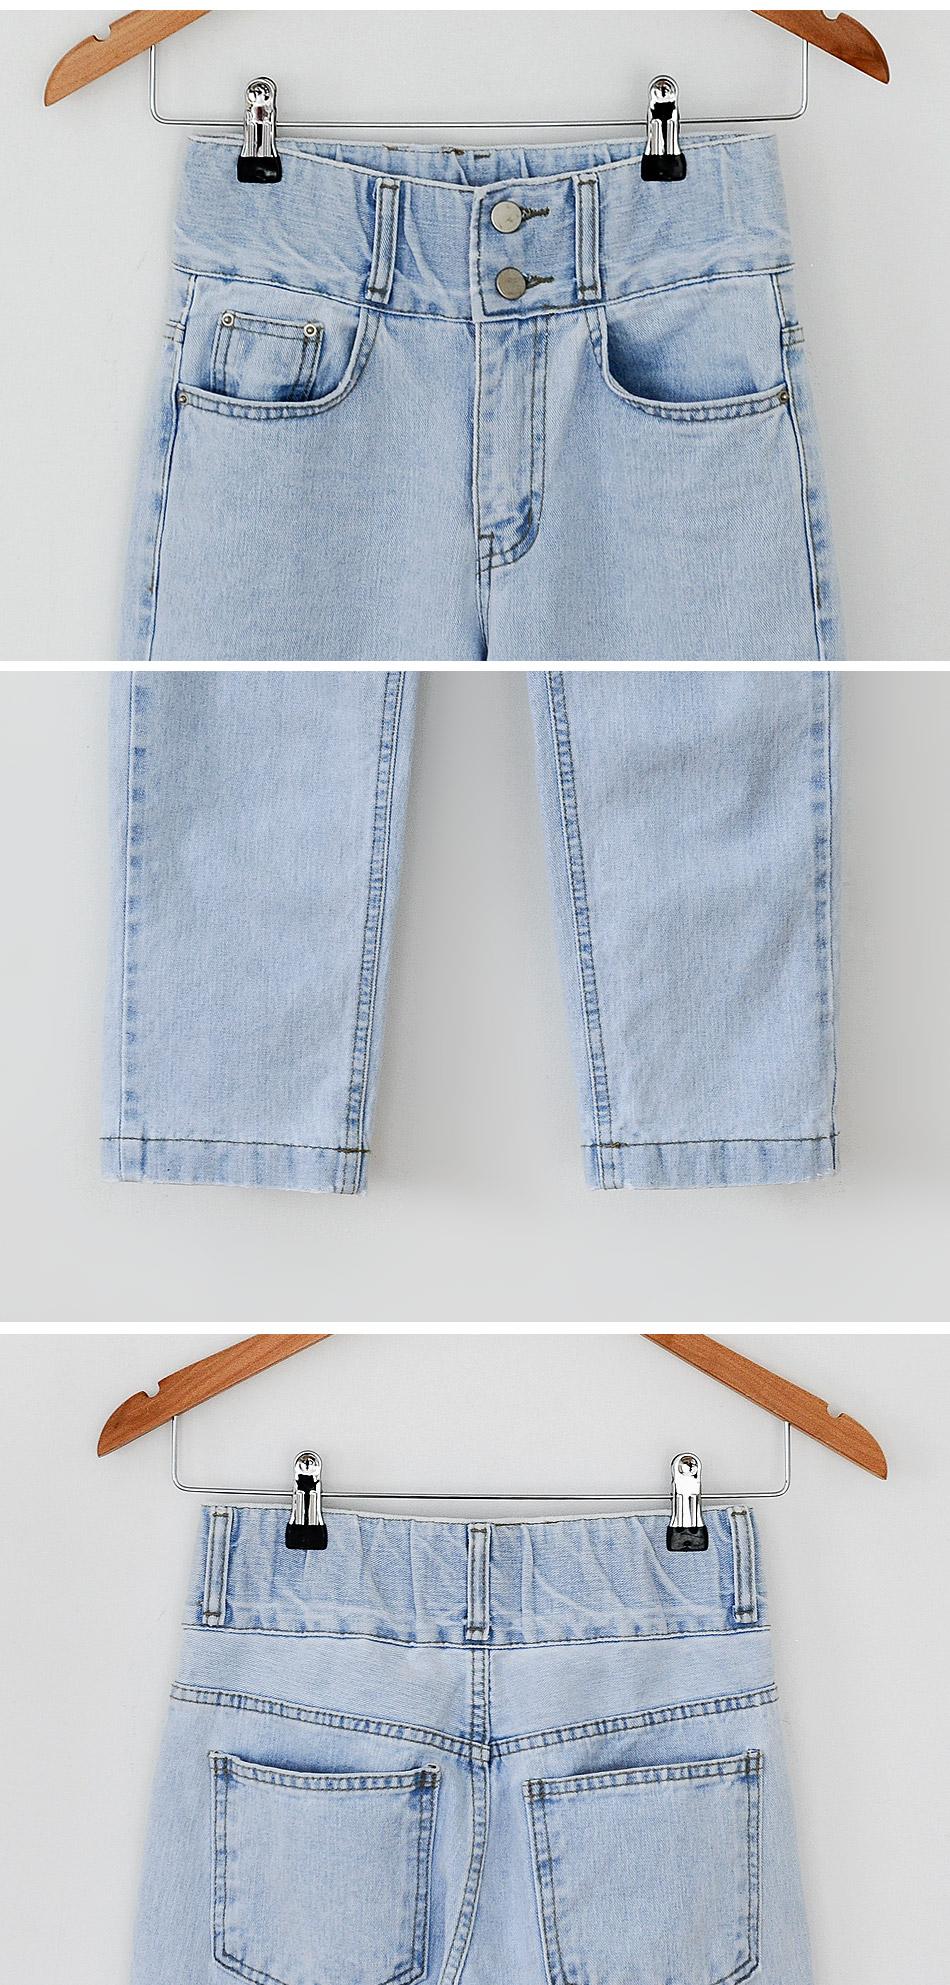 LETO high waist denim pants